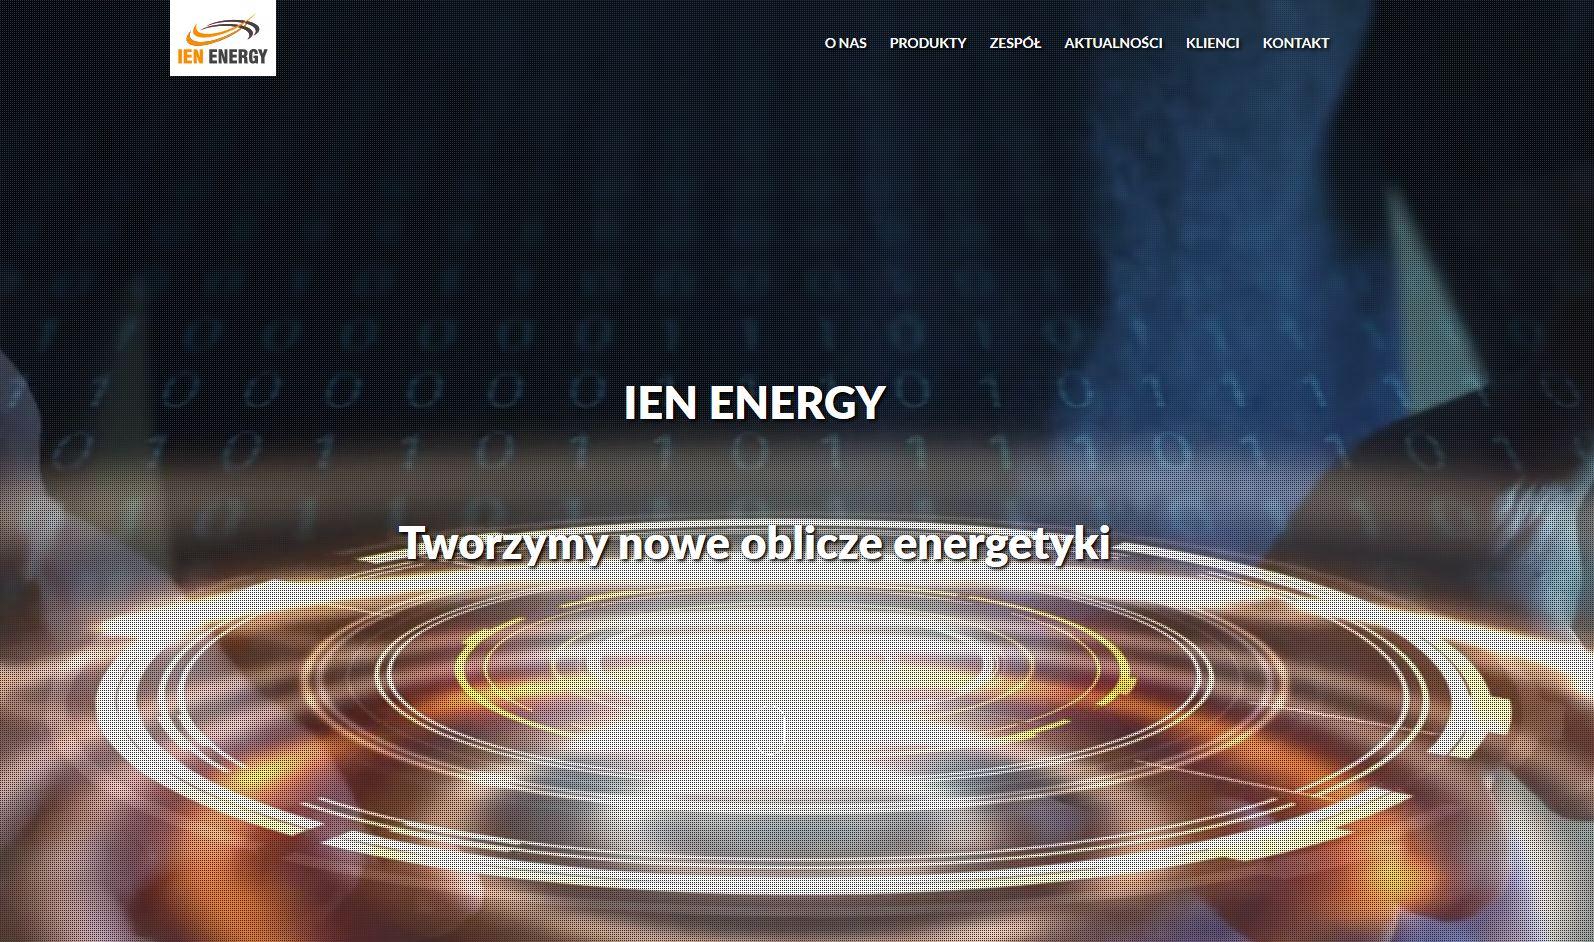 www.ienenergy.pl